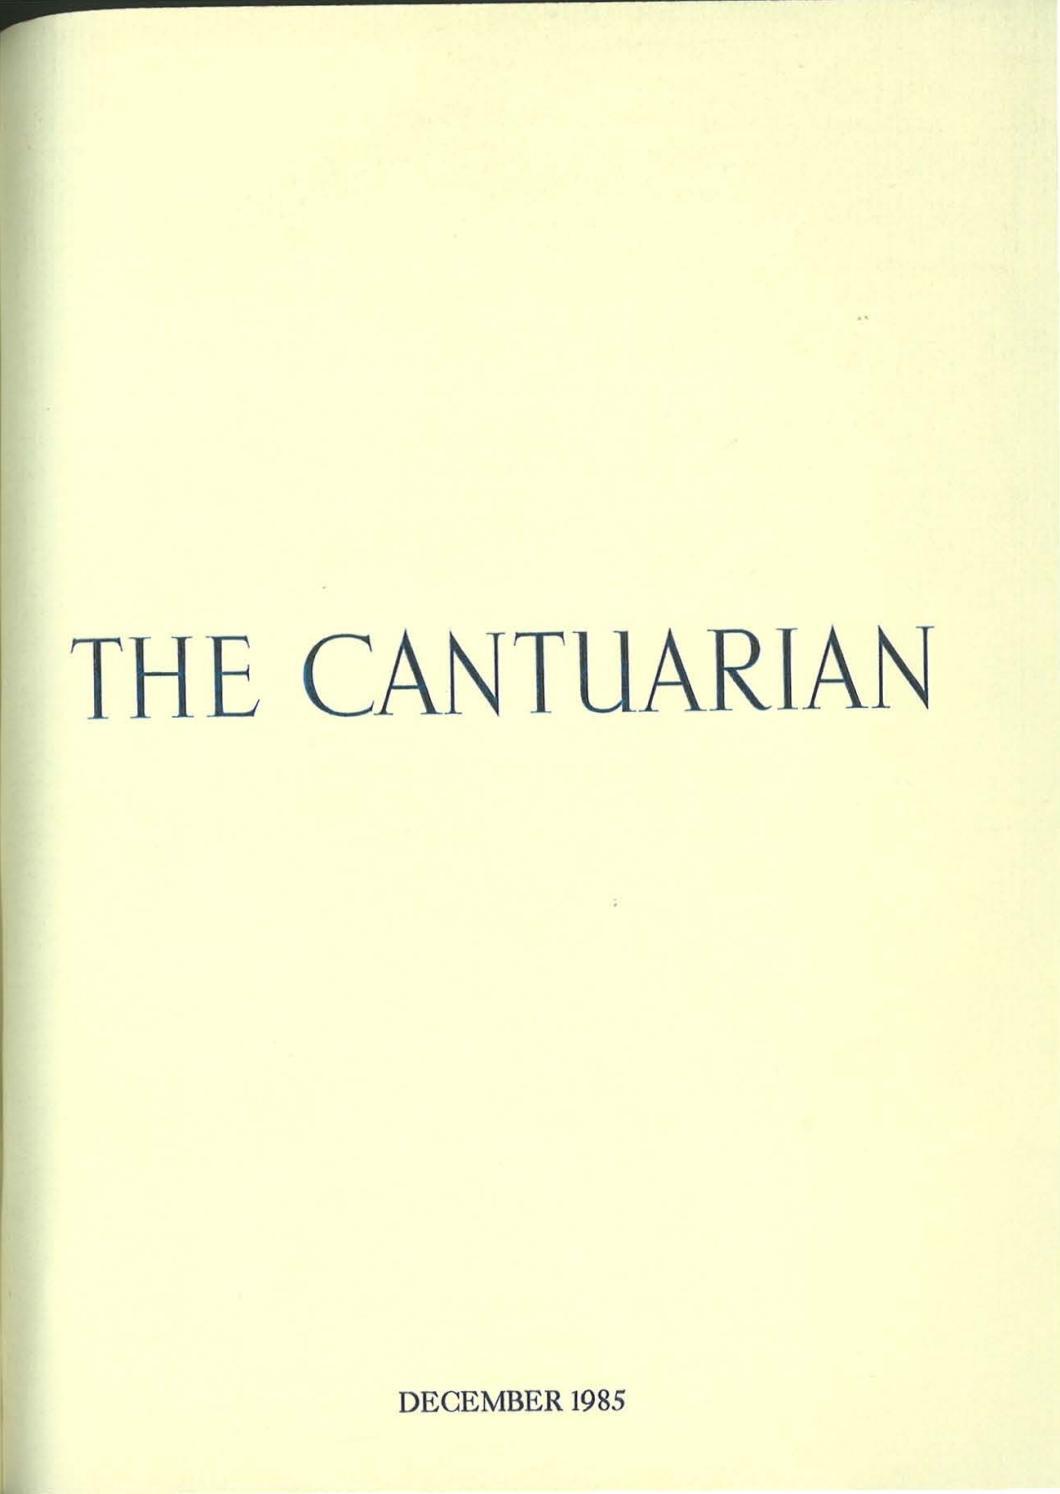 Avis Veranda En Kit Leroy Merlin the cantuarian december 1985 - august 1986oks